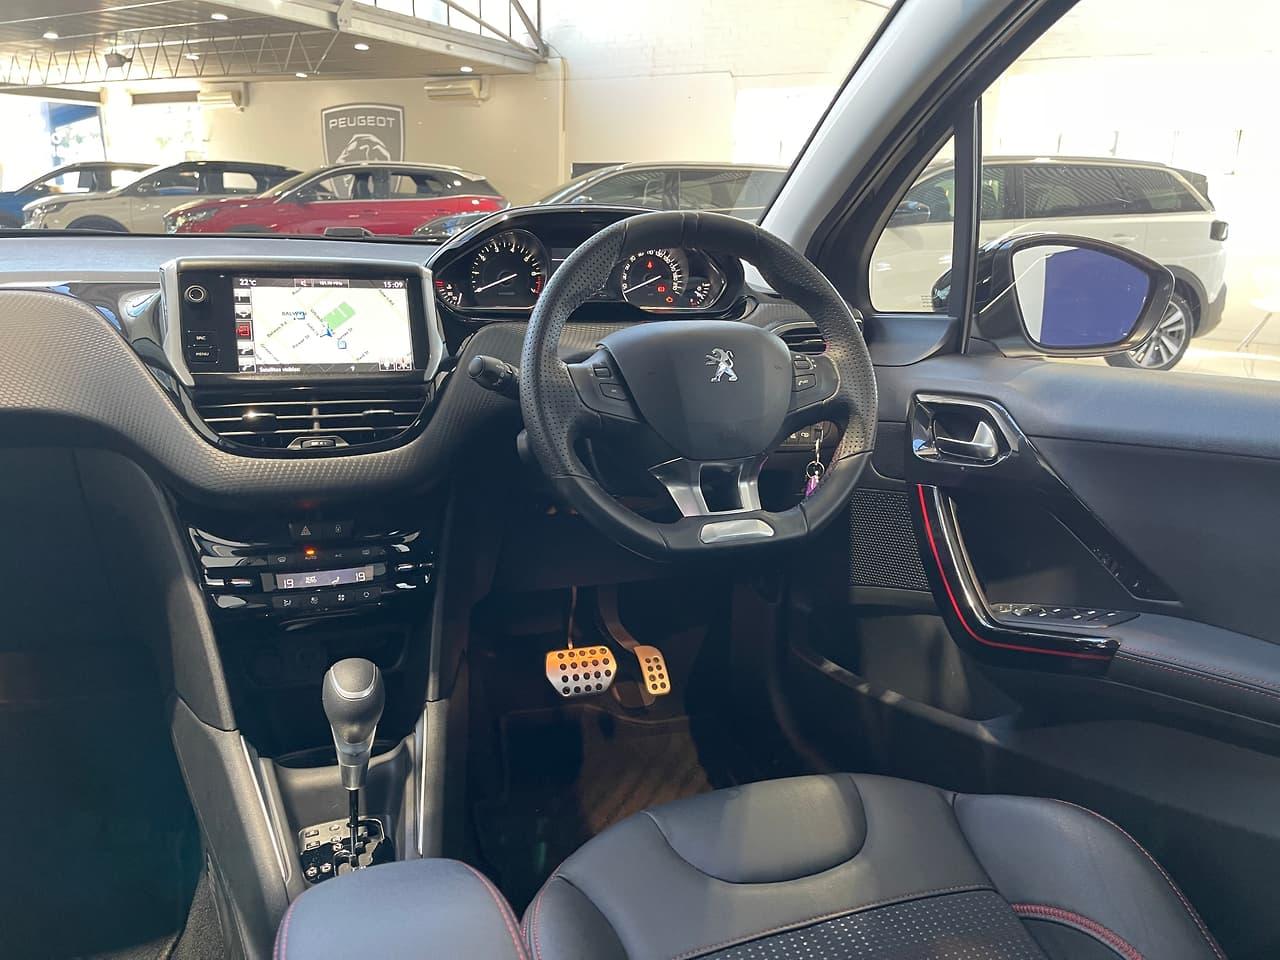 2015 PEUGEOT 208 GT-line HATCHBACK